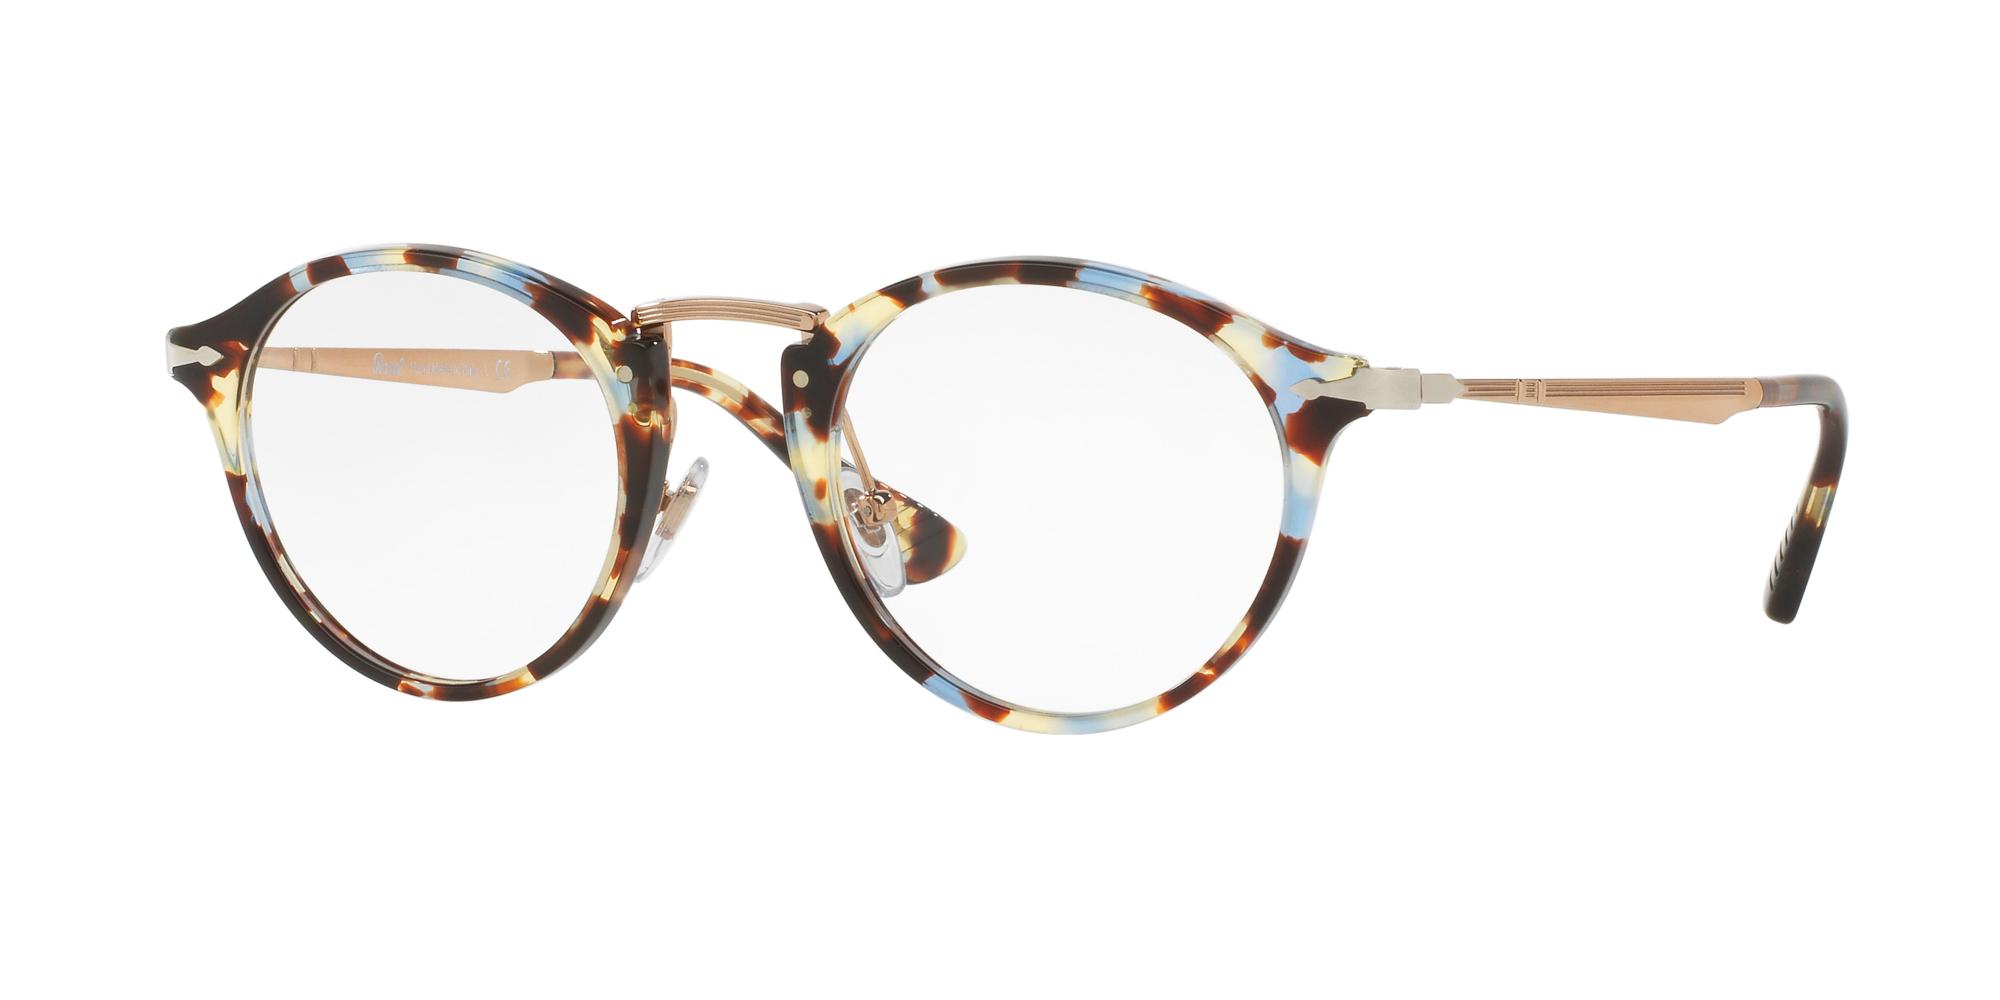 Persol Brille 0PO3167V491058 bei ROTTLER